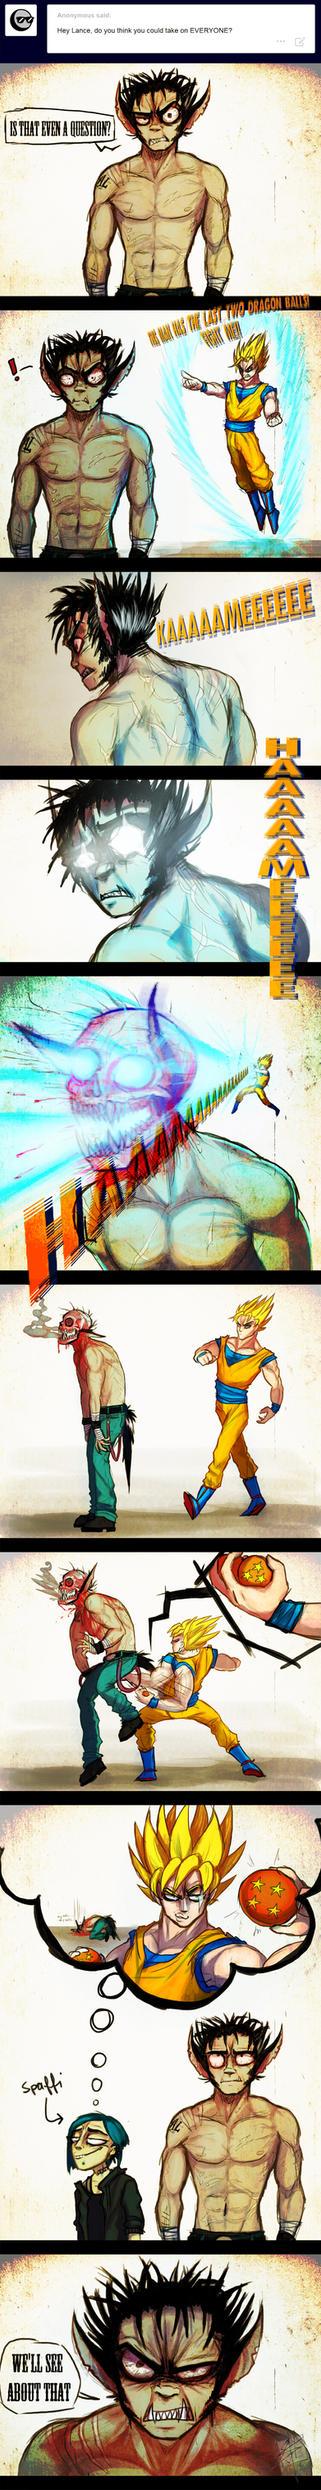 Lance vs Goku by Spaffi